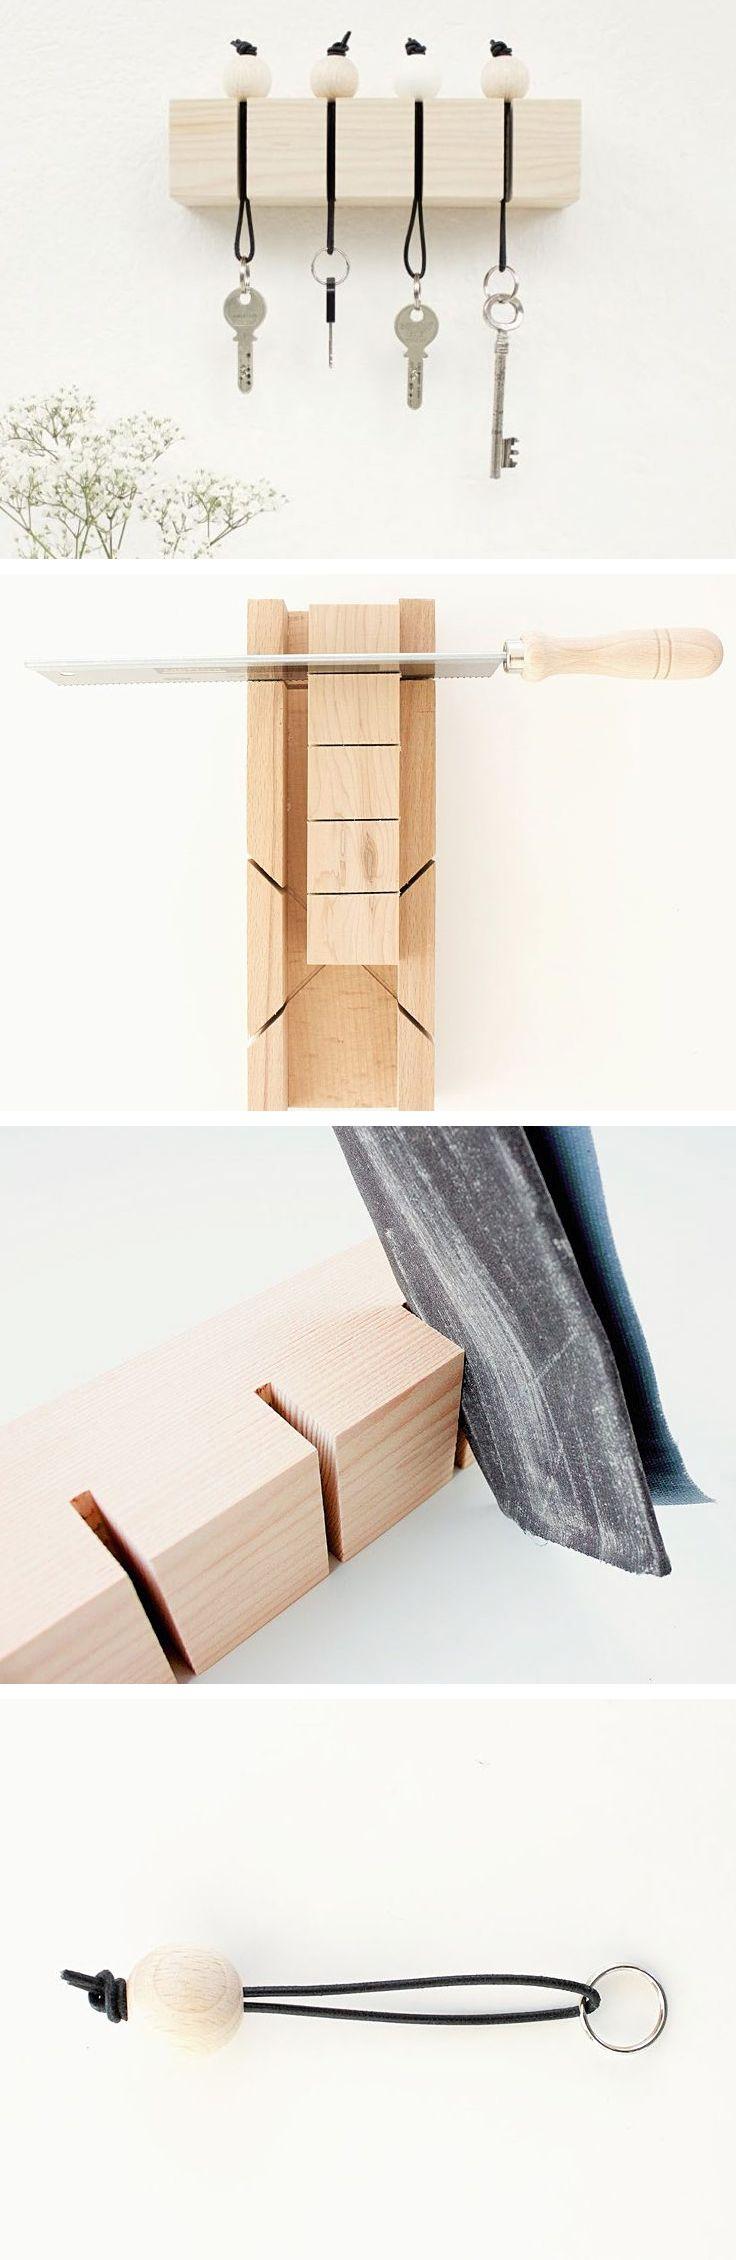 tutoriel diy fabriquer un porte cl s mural avec des. Black Bedroom Furniture Sets. Home Design Ideas